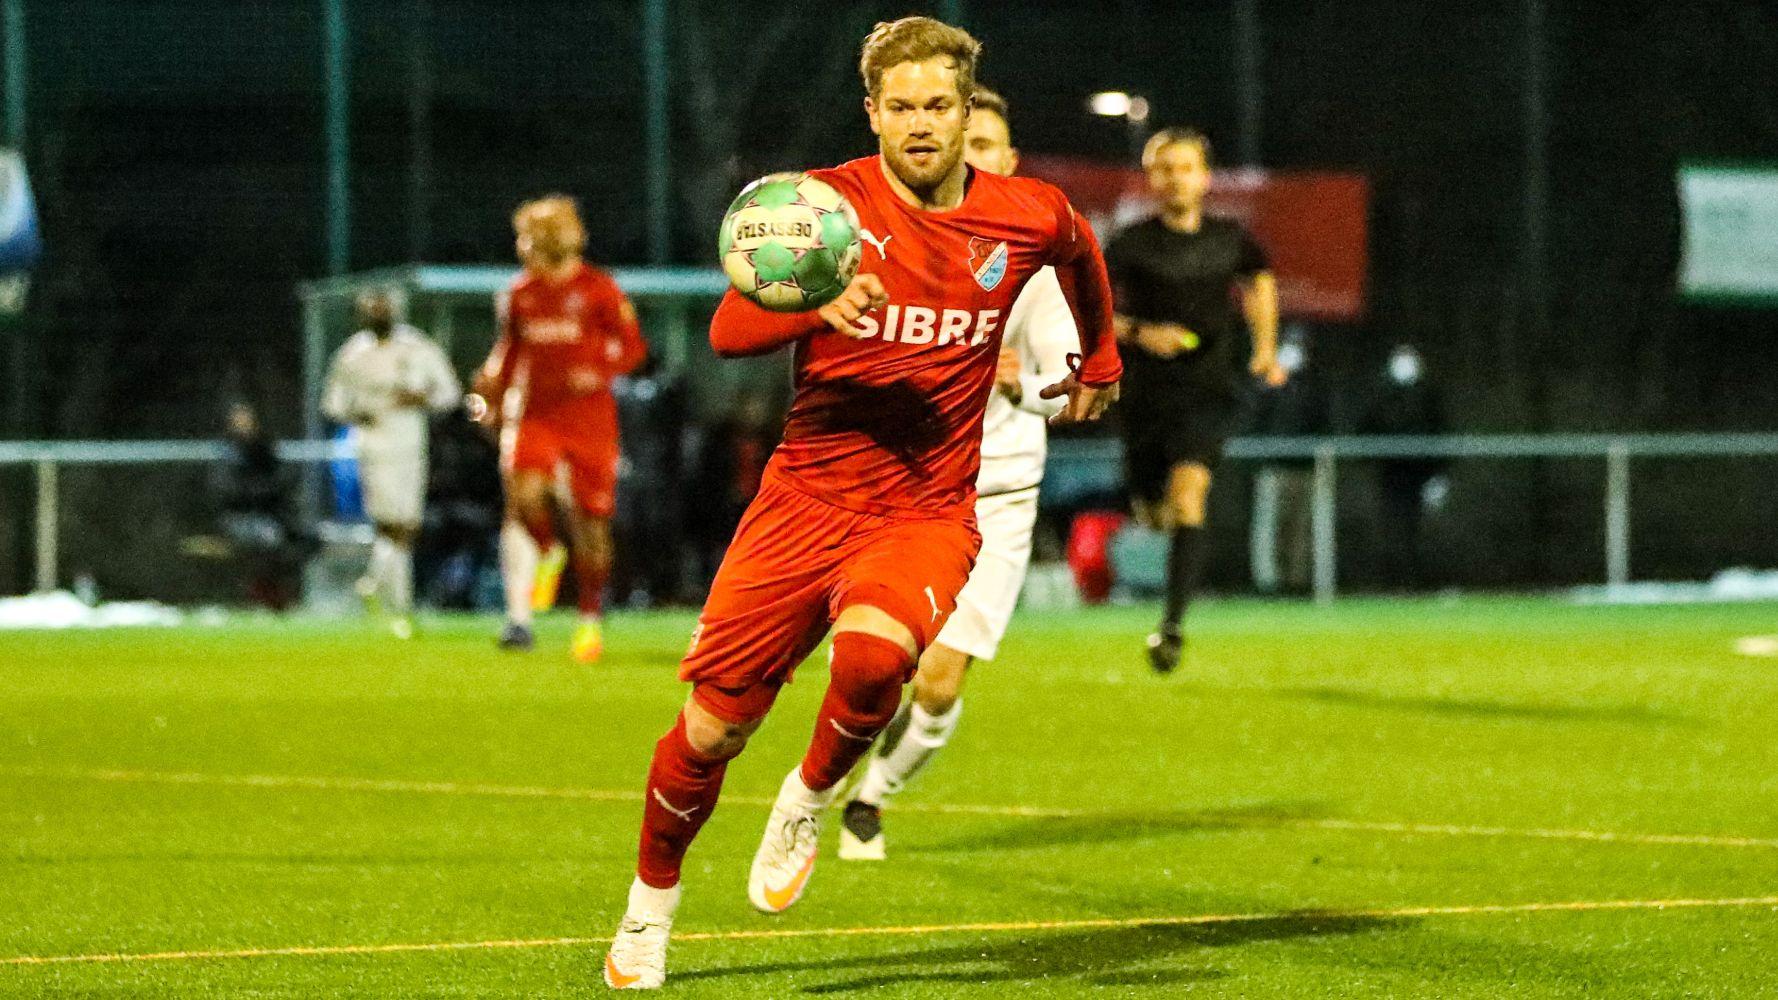 Sascha Marquet fokussiert den Ball